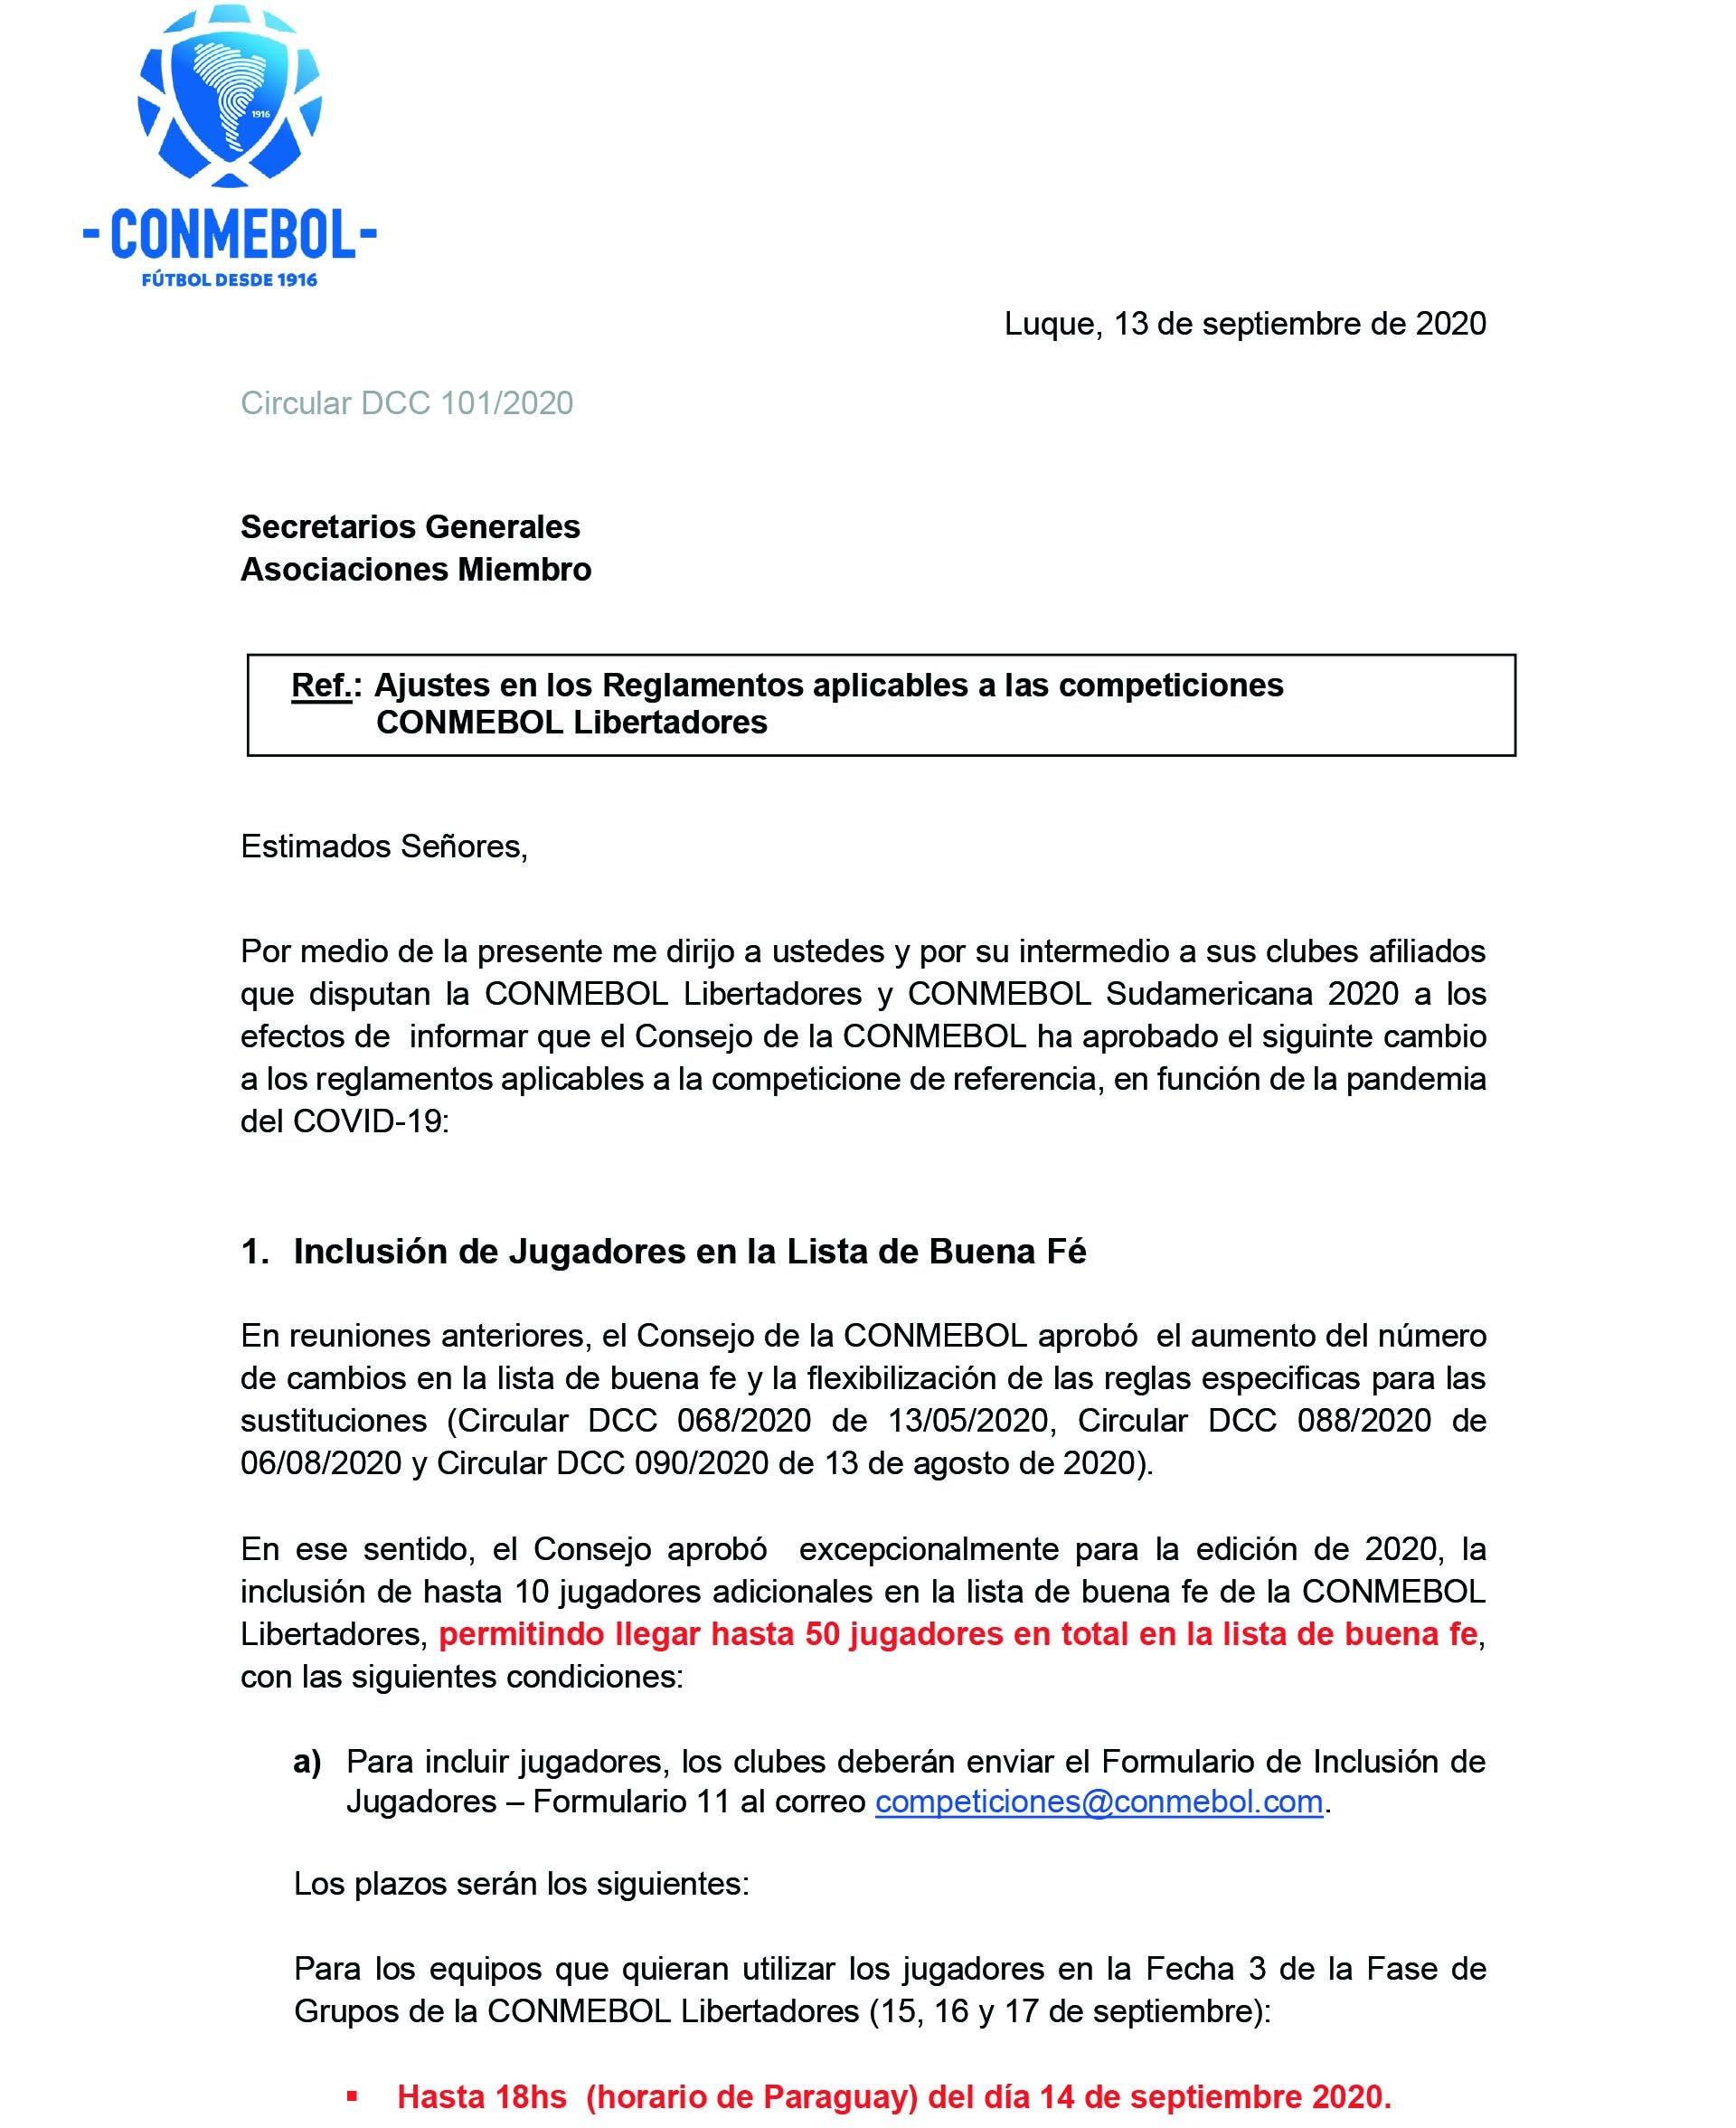 La Conmebol amplió las listas de buena fe de 40 a 50 jugadores para las Copas Libertadores y Sudamericana